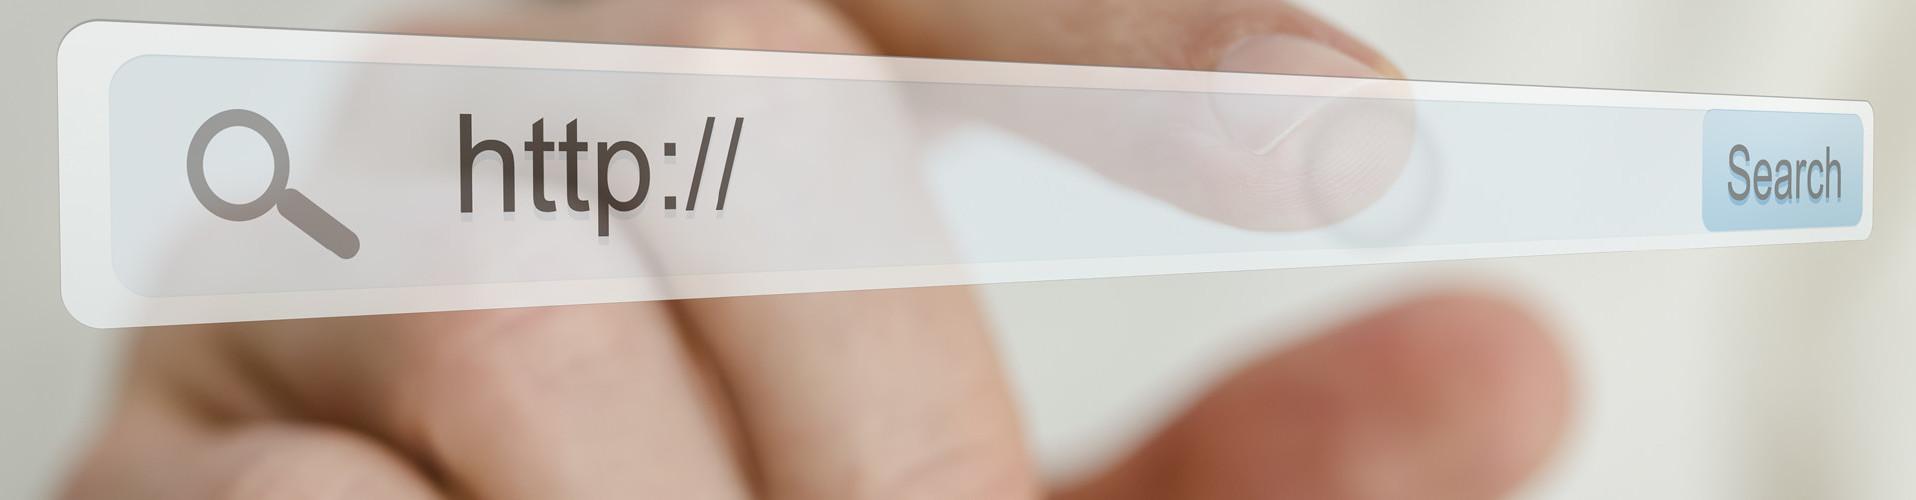 Man sieht eine transparente Ebene mit einer URL-Zeile, in welcher  © Gajus, stock.adobe.com